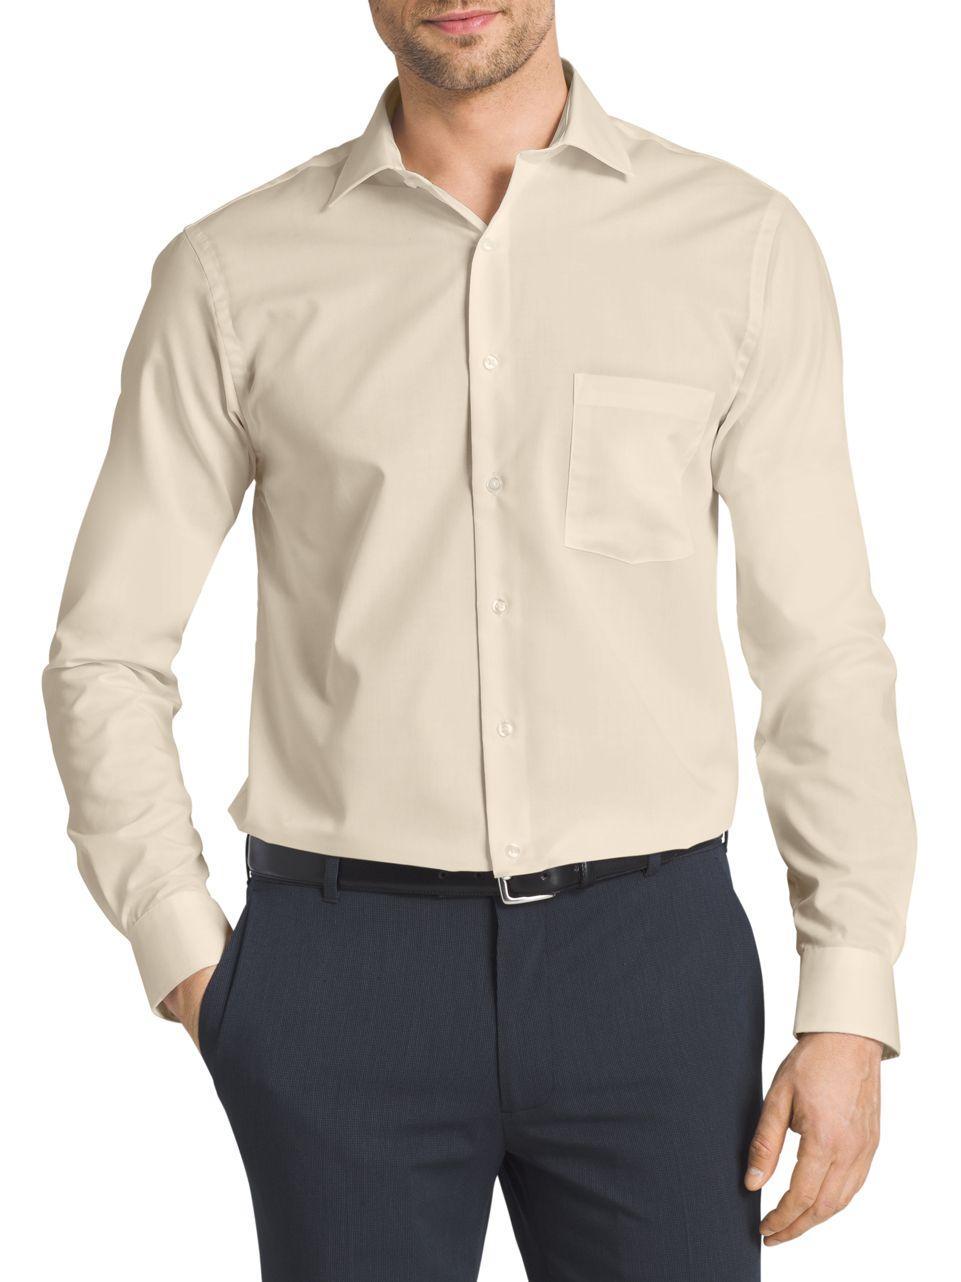 Van heusen flex collar dress shirt in natural for men for Van heusen shirts flex collar